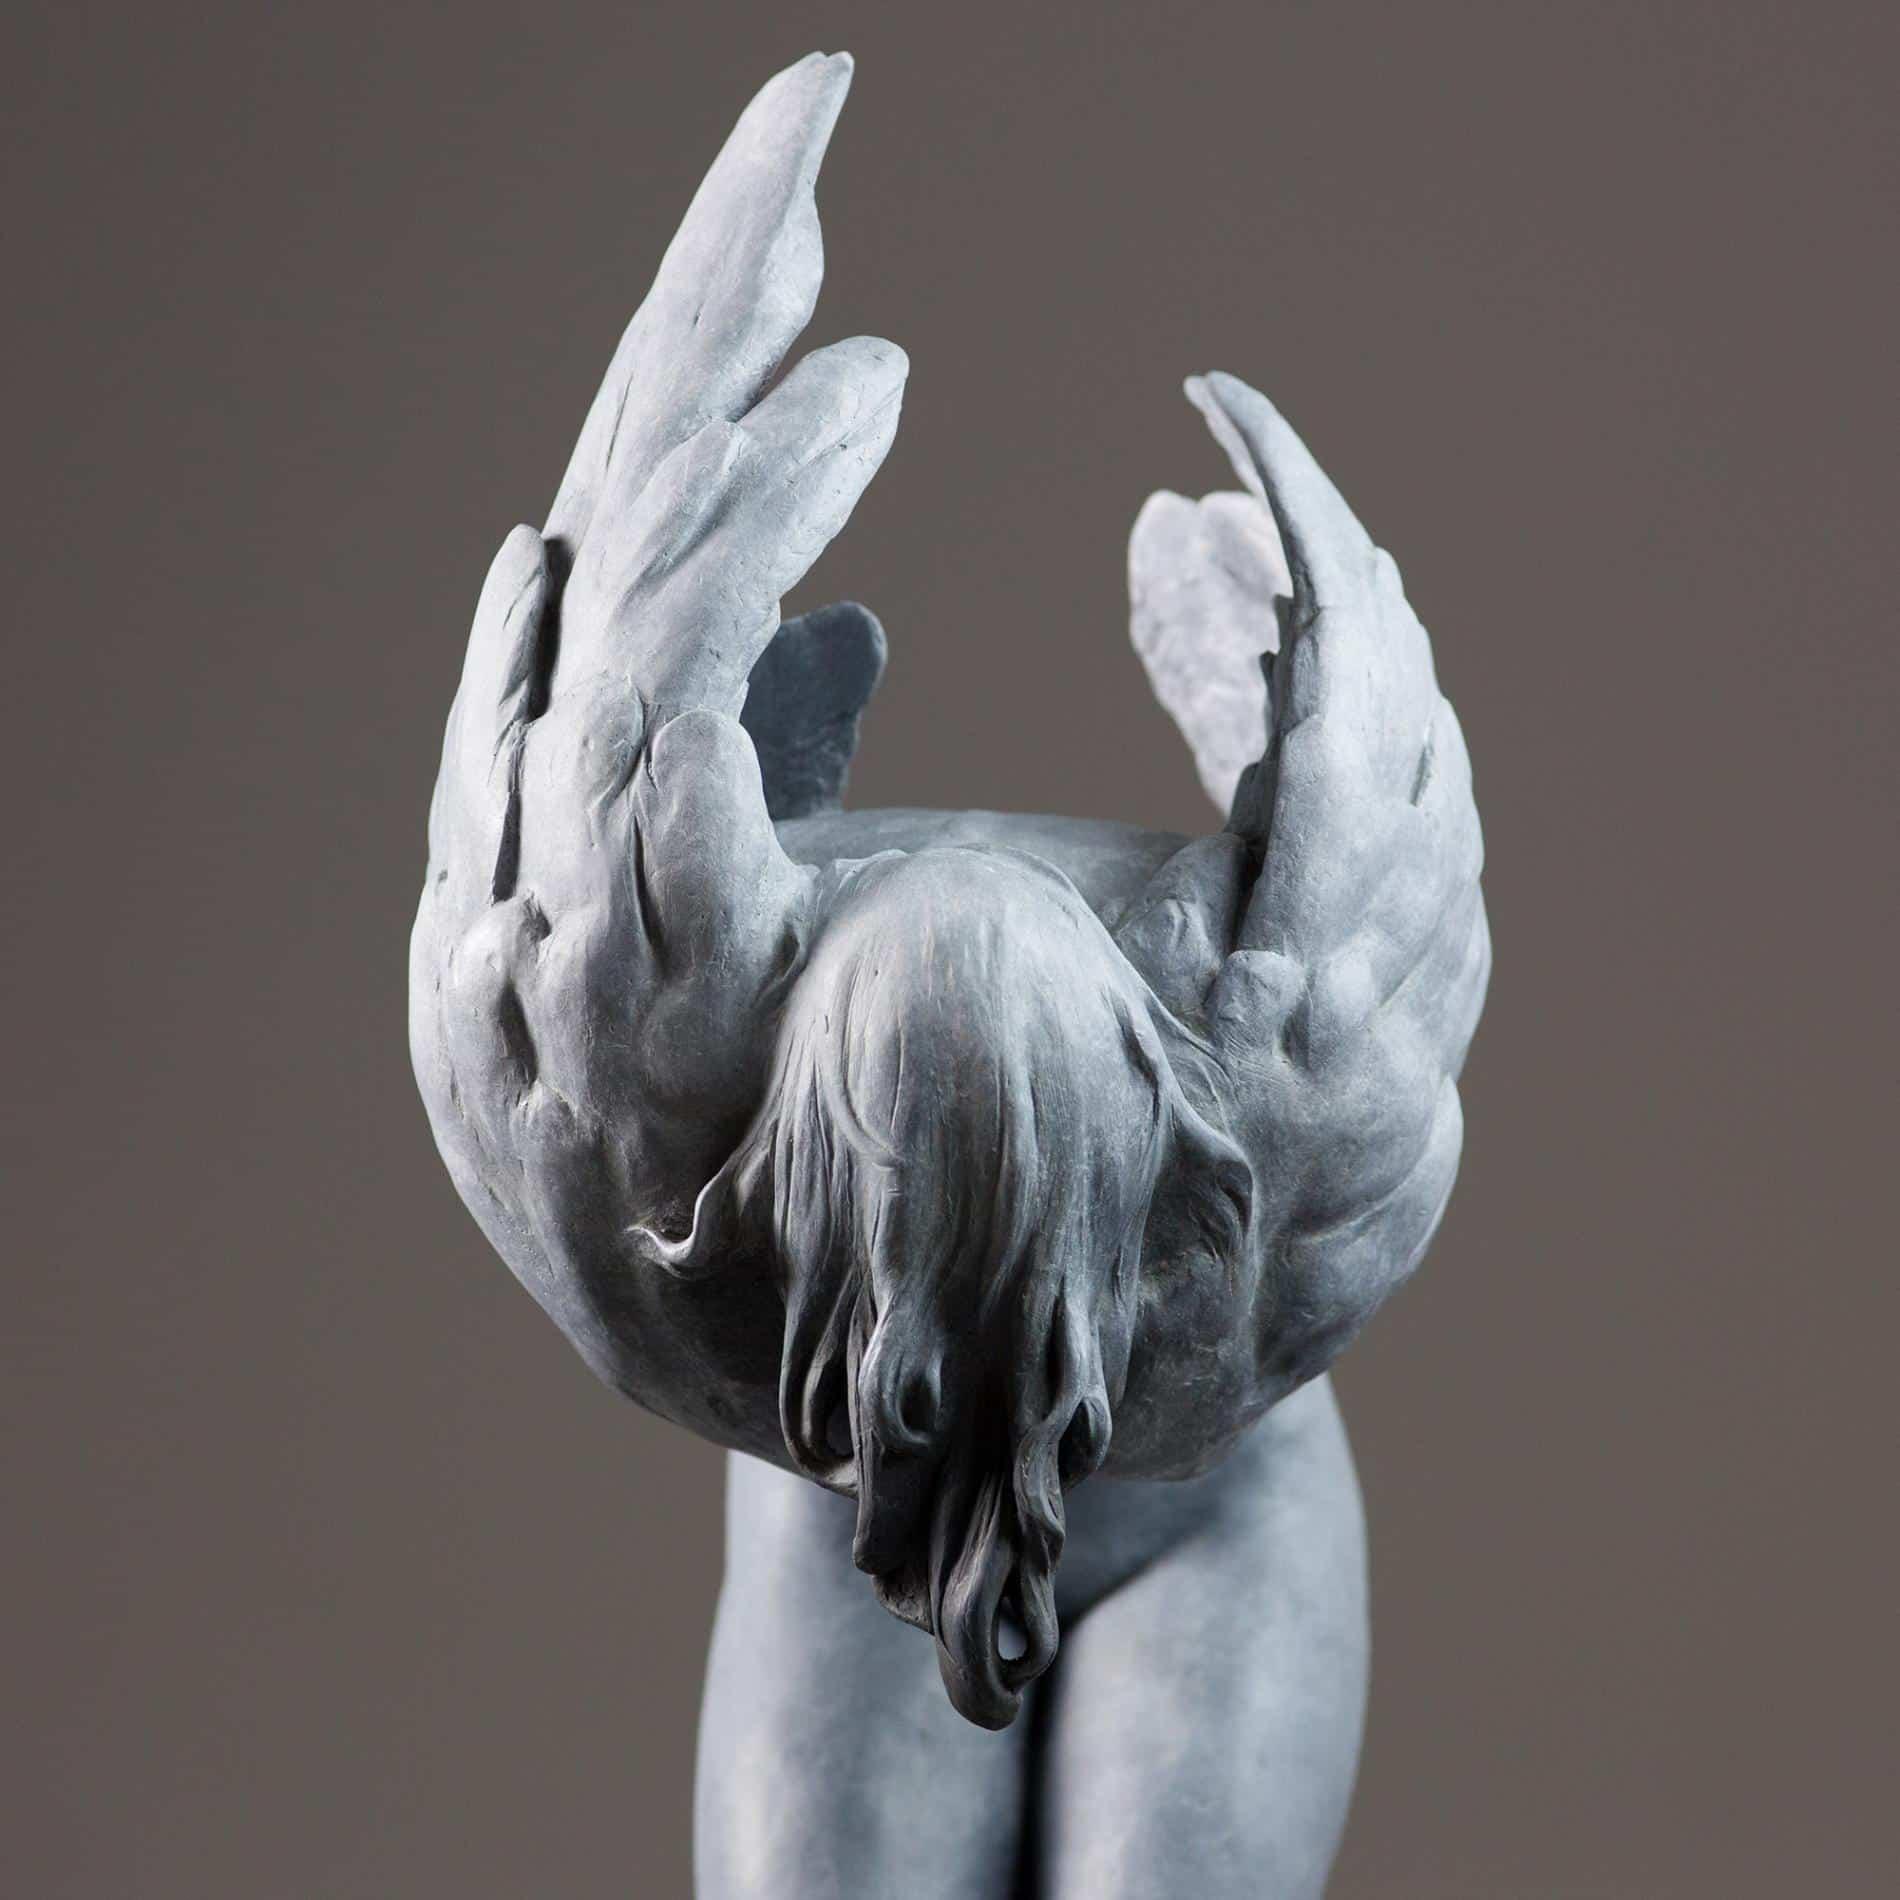 escultura coderechmalavia Odette detalle